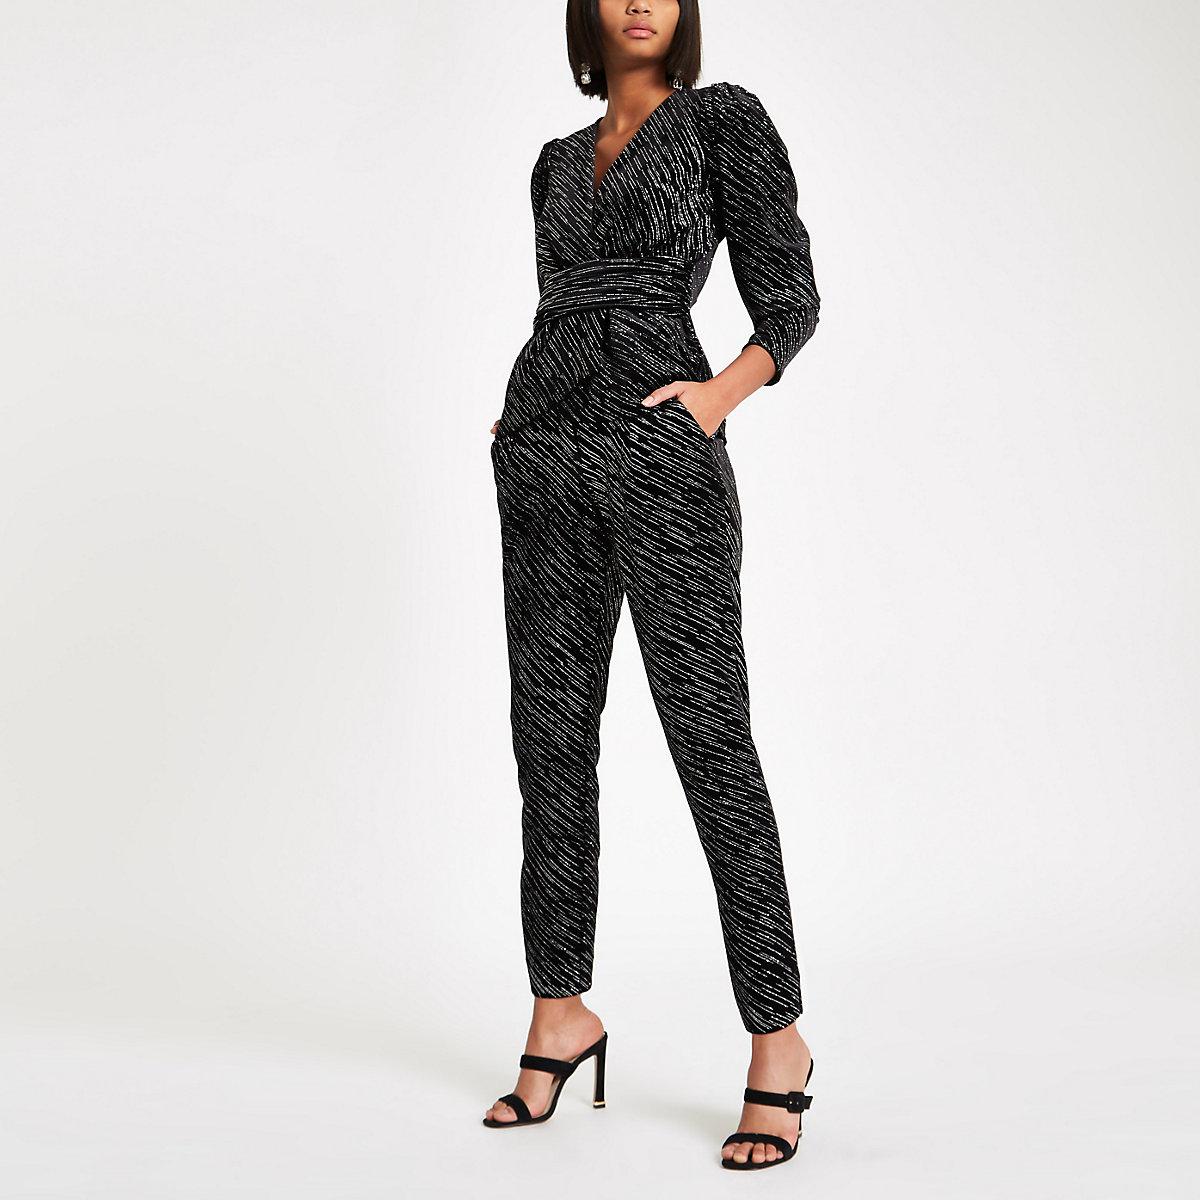 Black velvet glitter tie belted pants